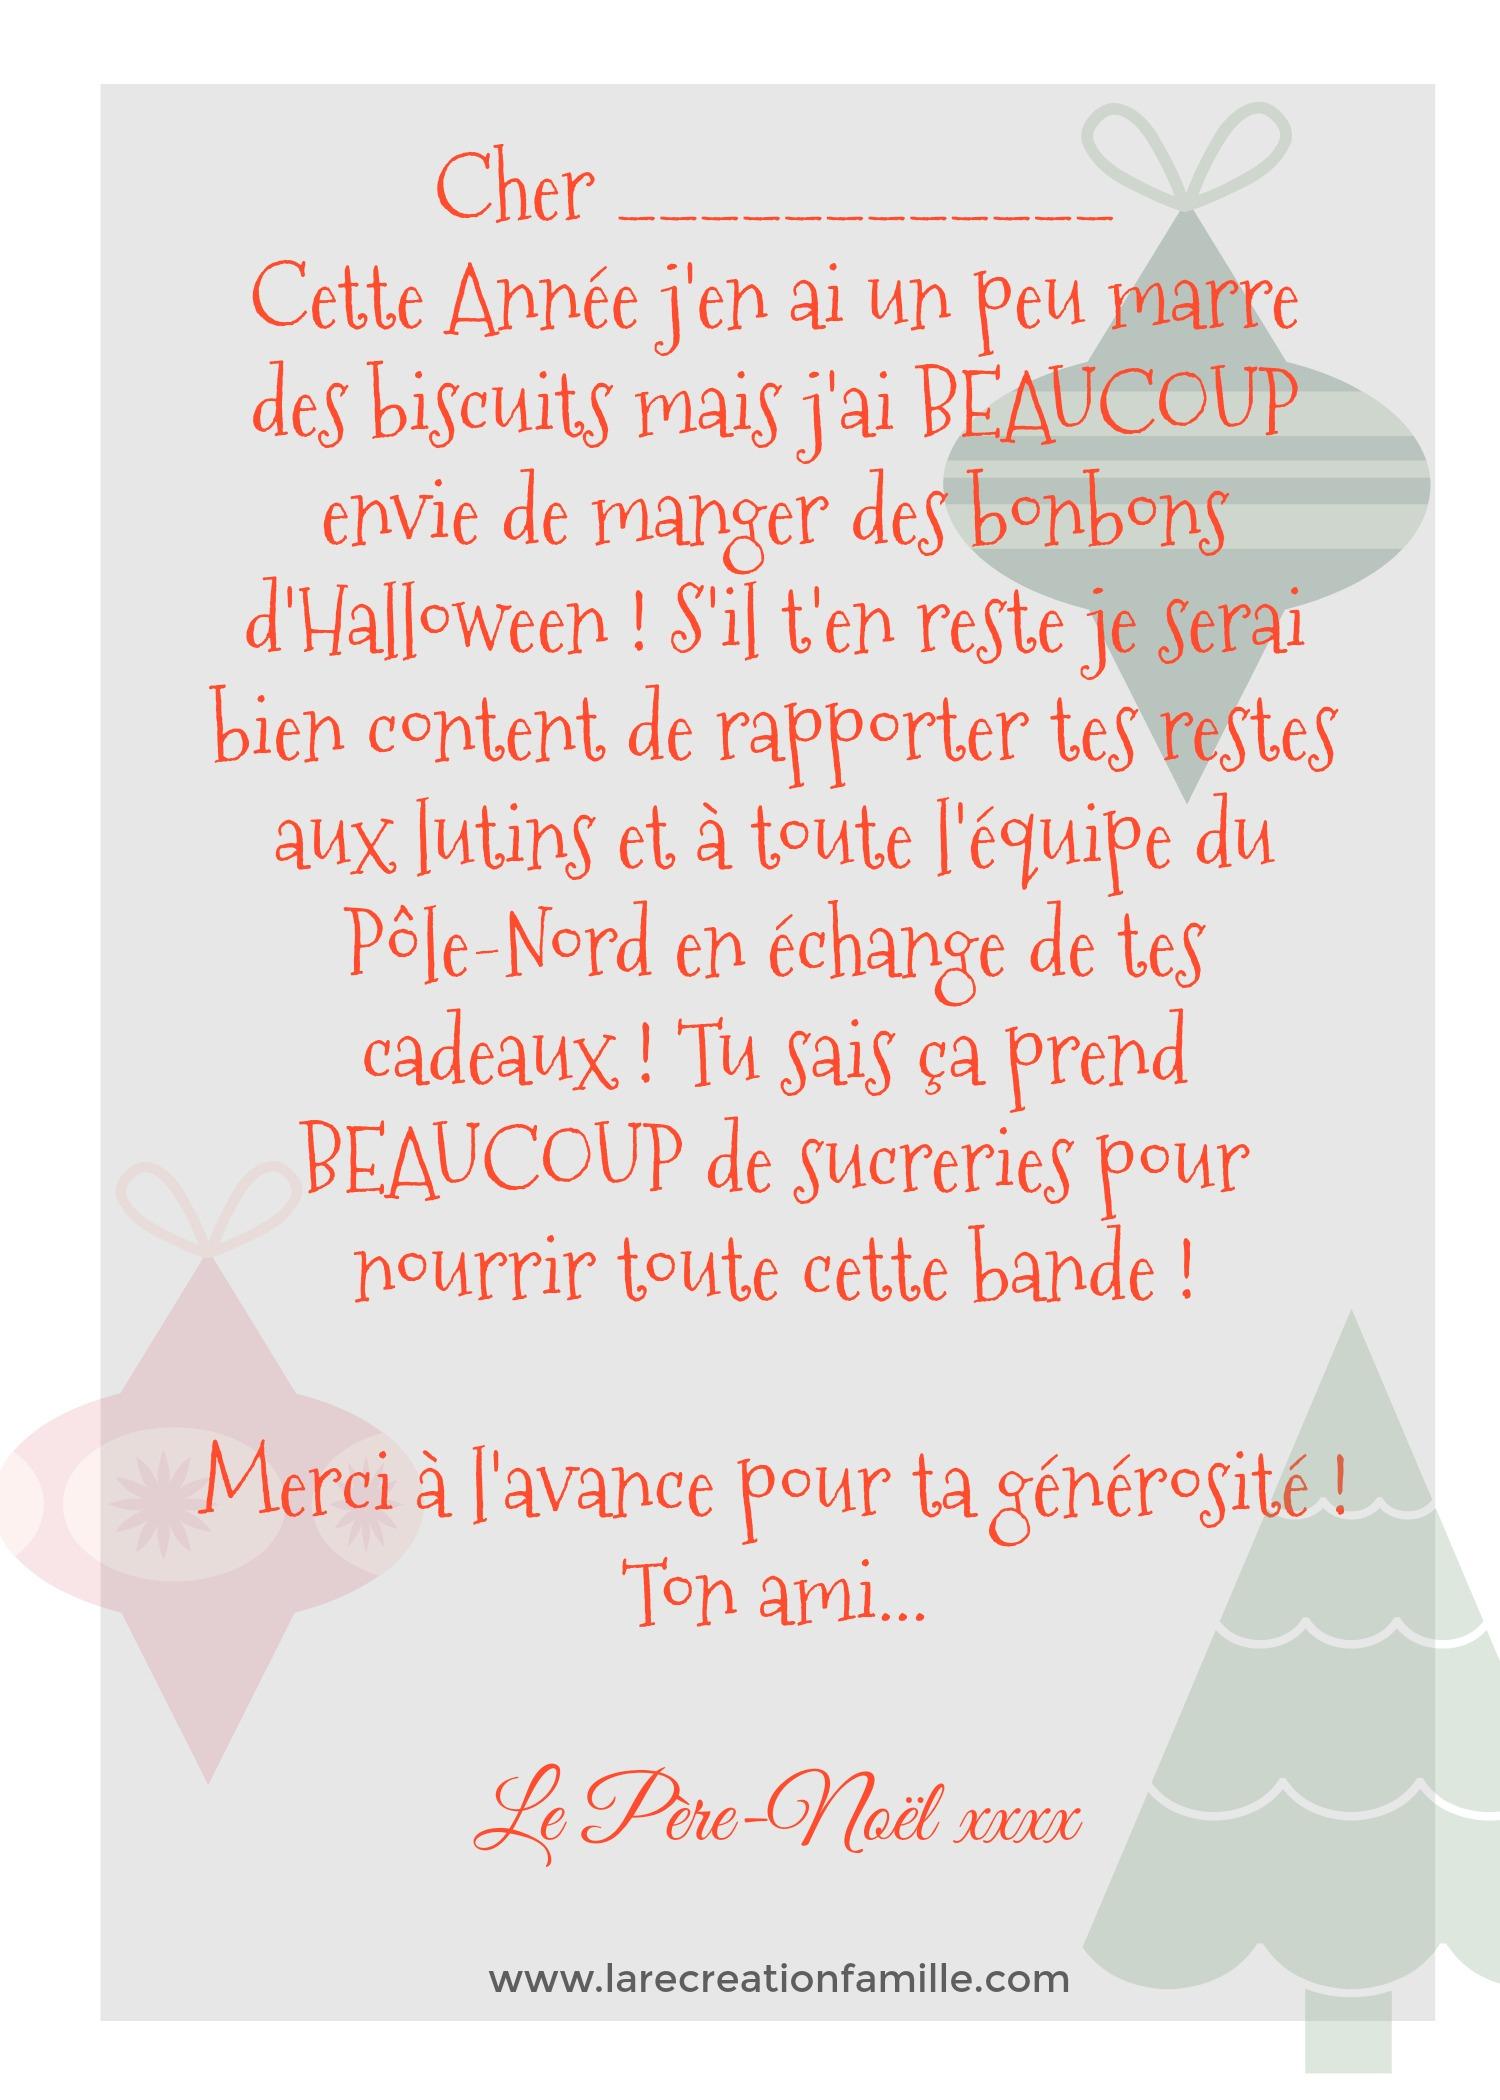 Le Père-Noël Échange Votre Vieux Sac De Bonbons D'halloween dedans Reponse Lettre Du Pere Noel A Imprimer